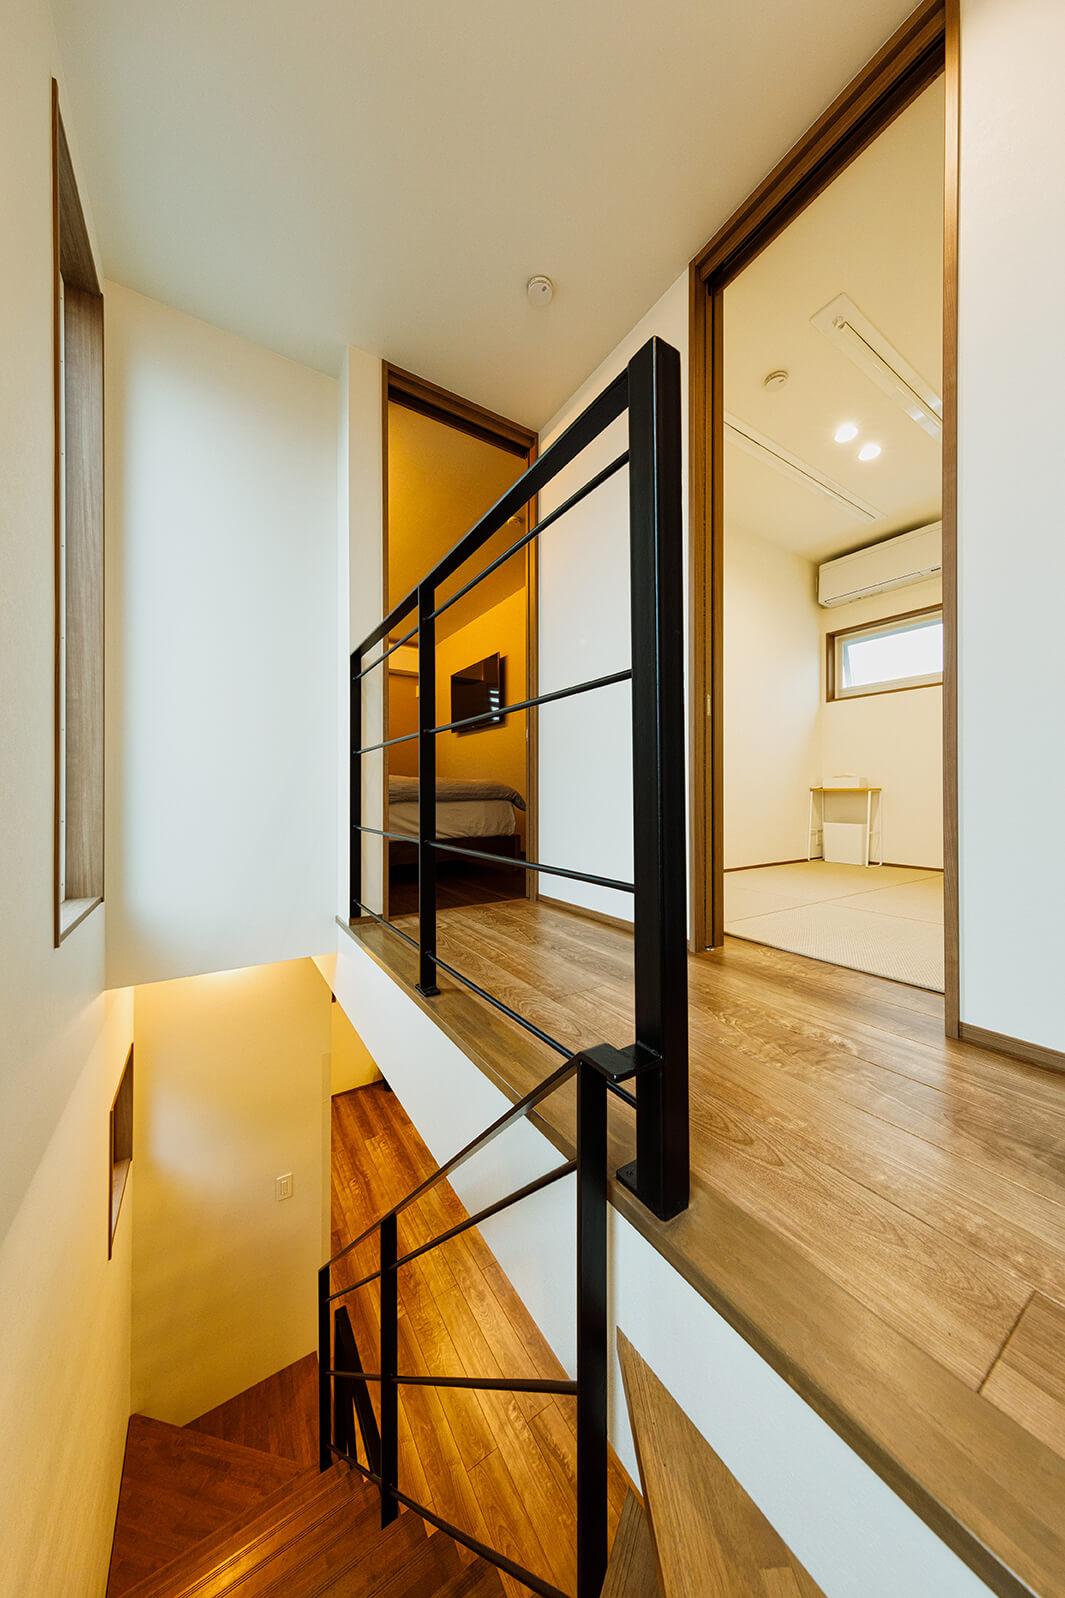 2階から階段を上がると3階の部屋がオープンにつながっています。採光を配慮してスケルトン階段を採用。左手奥が主寝室。